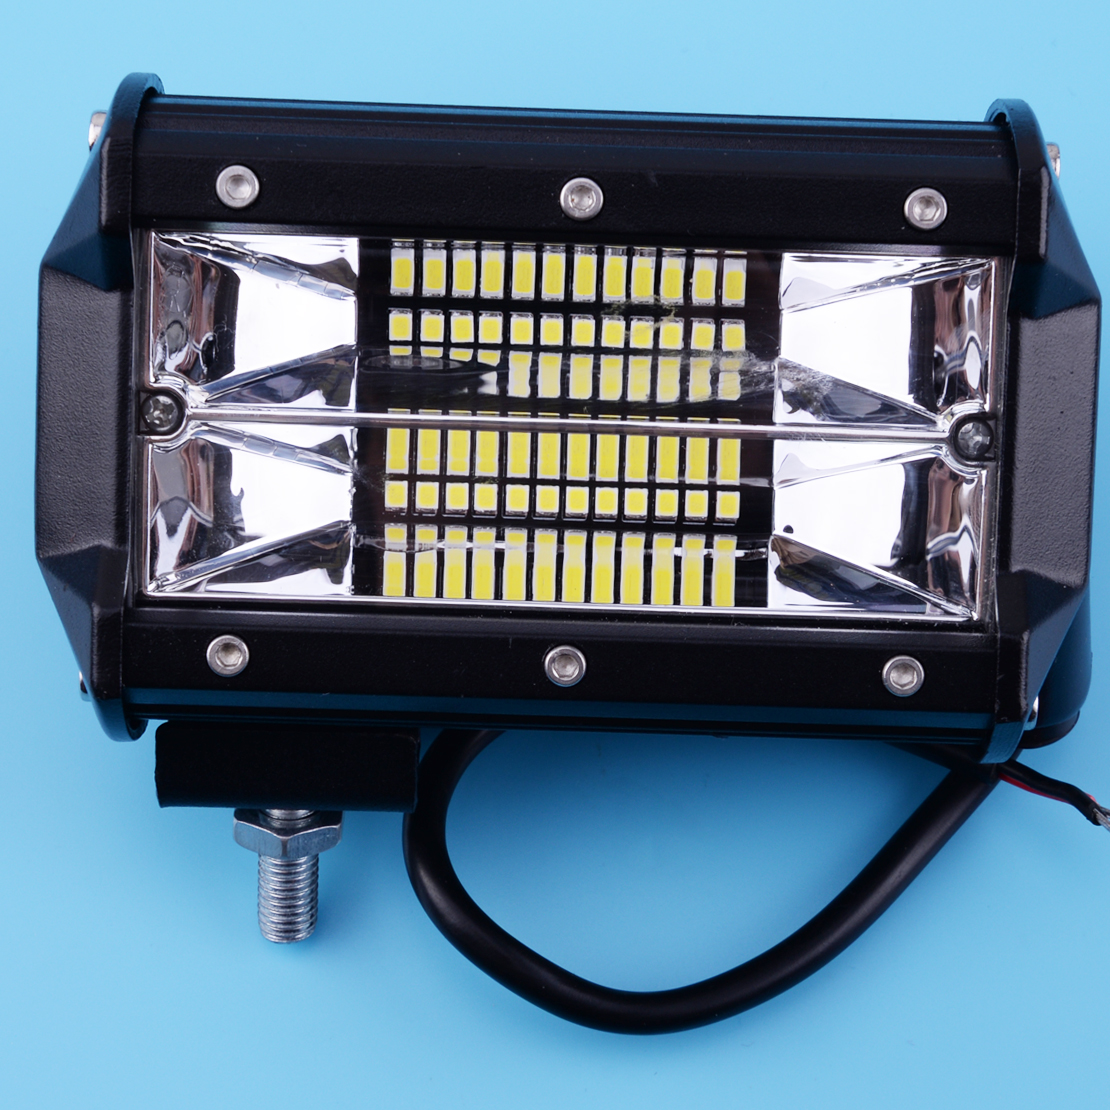 Beler 12 v 72 w LED Lumière Bar 5 pouce Spot Faisceau Light Work Conduite Lumière Route Éclairage pour Jeep voiture Camion SUV Bateau Marine